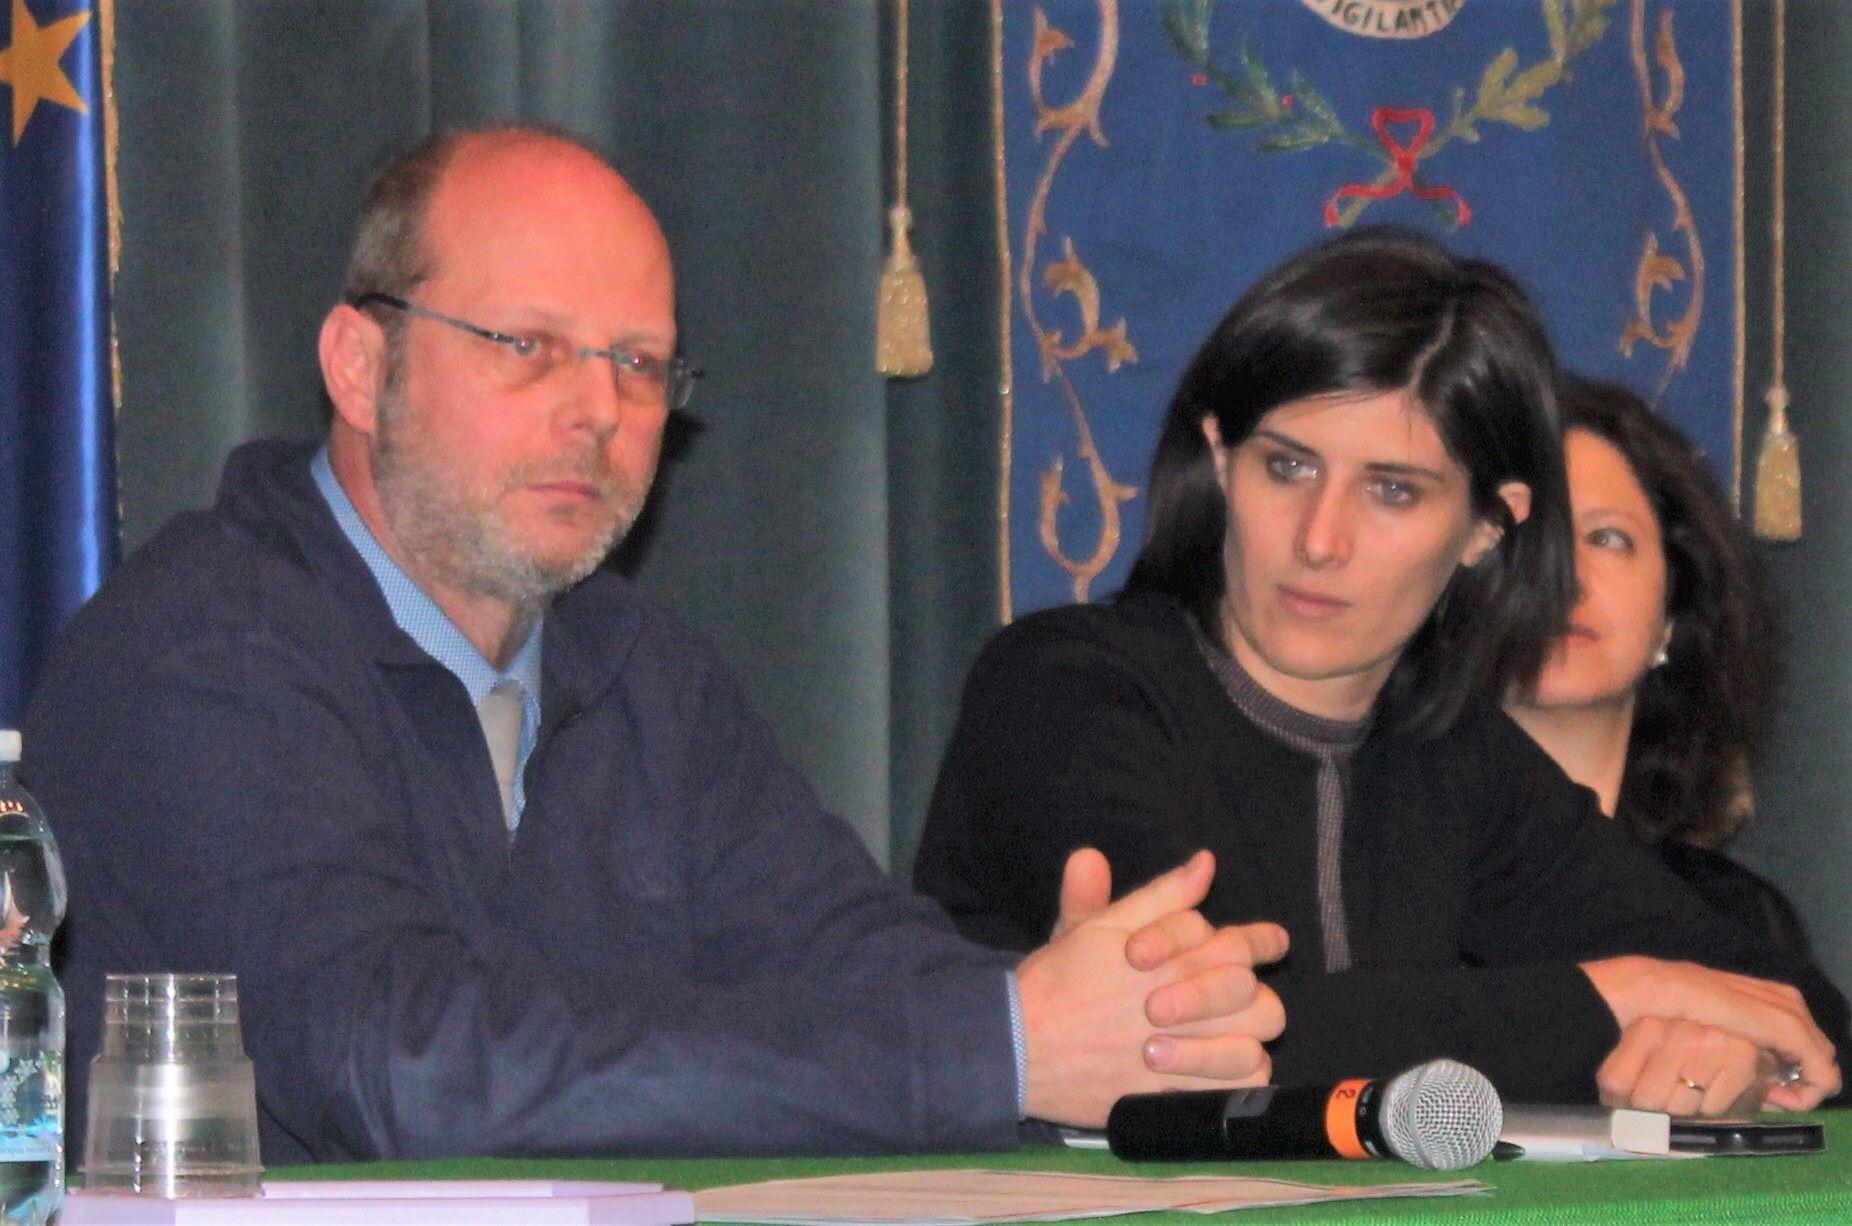 CASO SMAT - La Appendino tira dritto e conferma la nomina dell'ex Asa per il consiglio di amministrazione